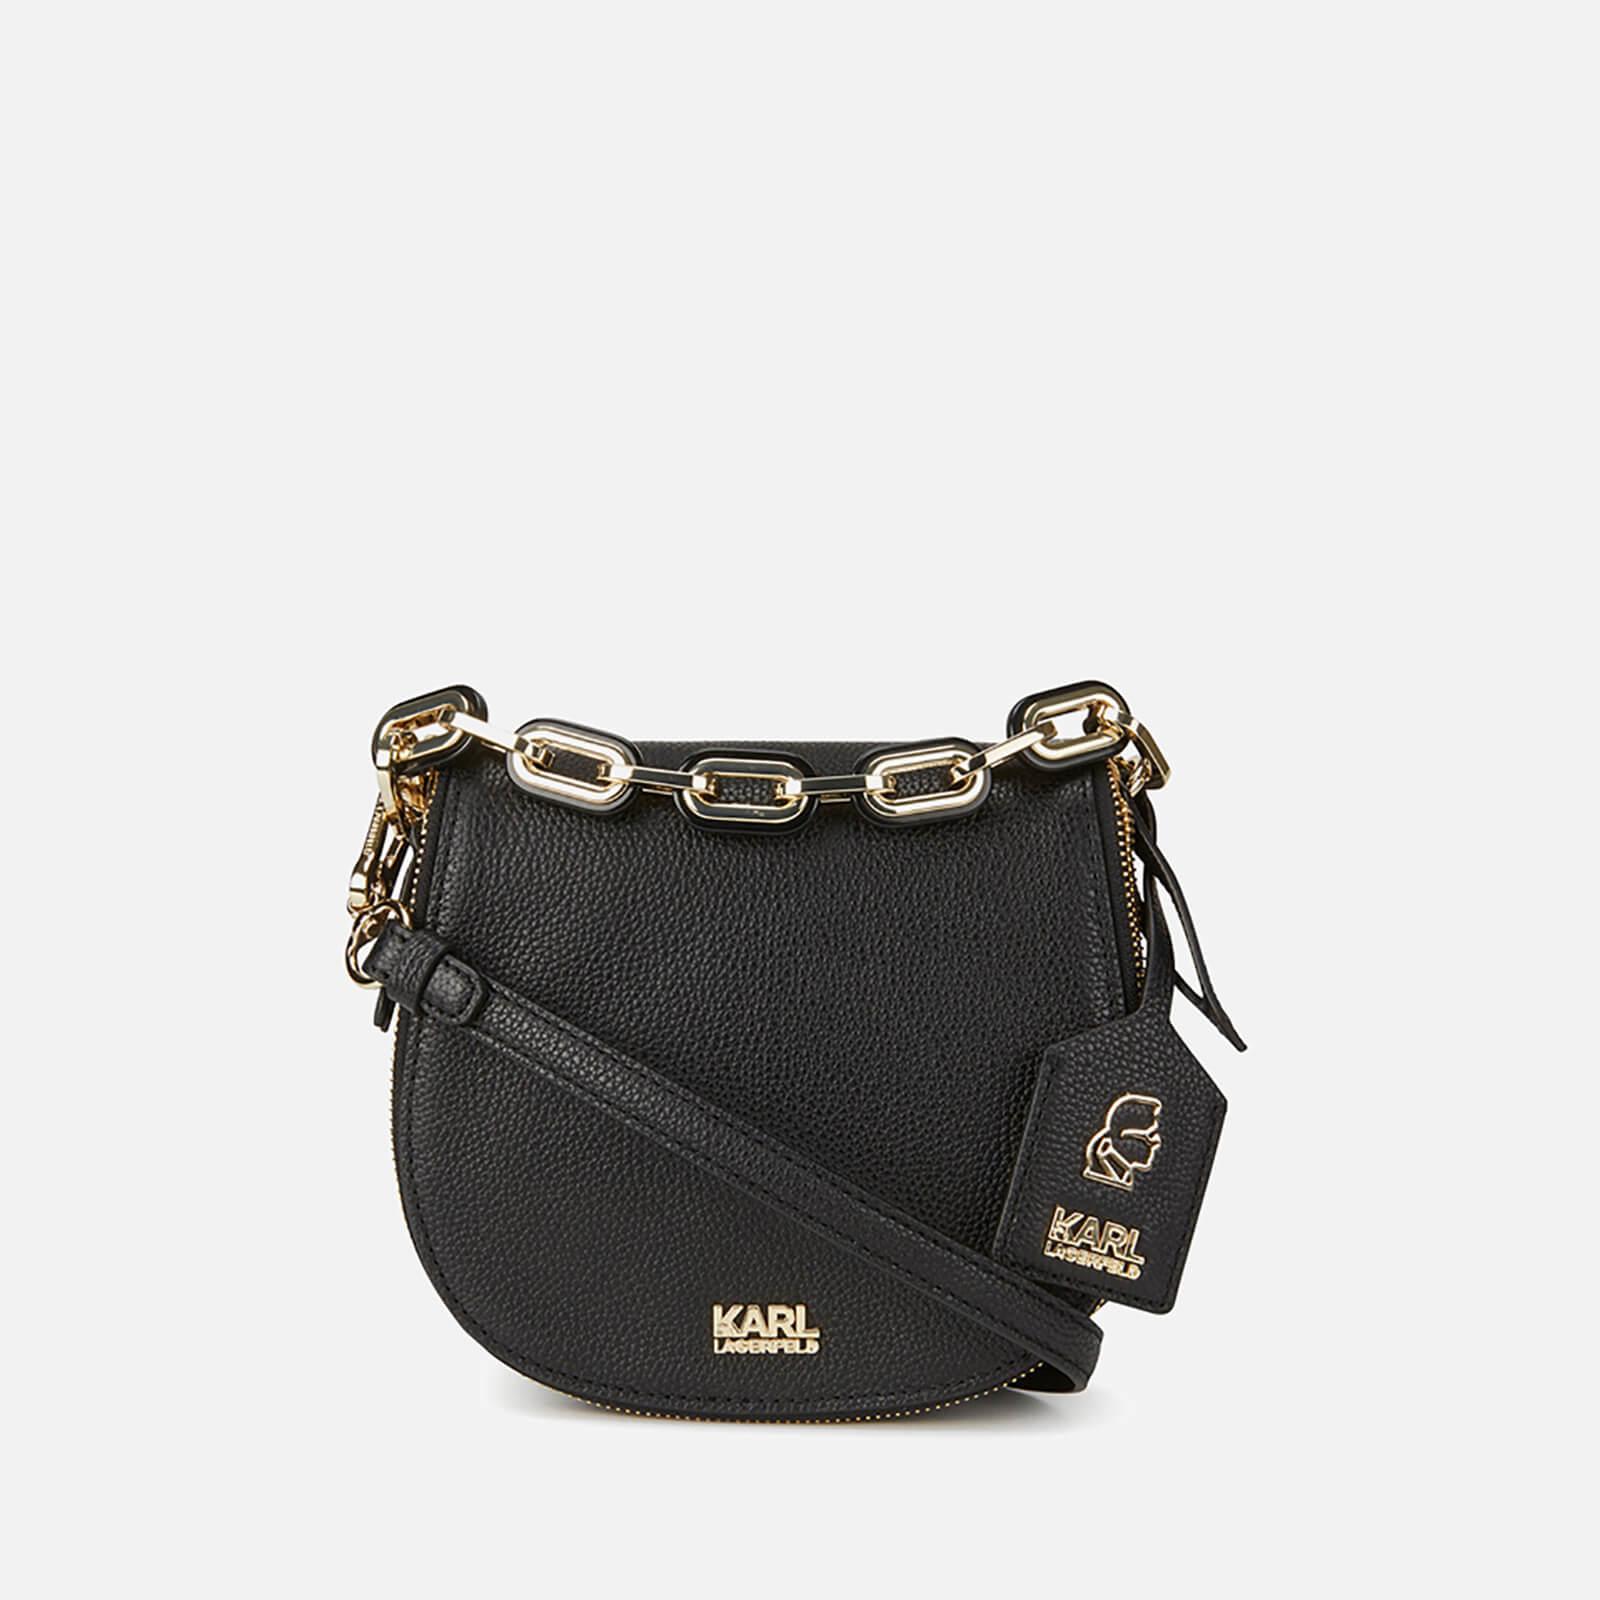 Karl Lagerfeld Women s K Grainy Satchel Bag - Black 73d8b842c0989